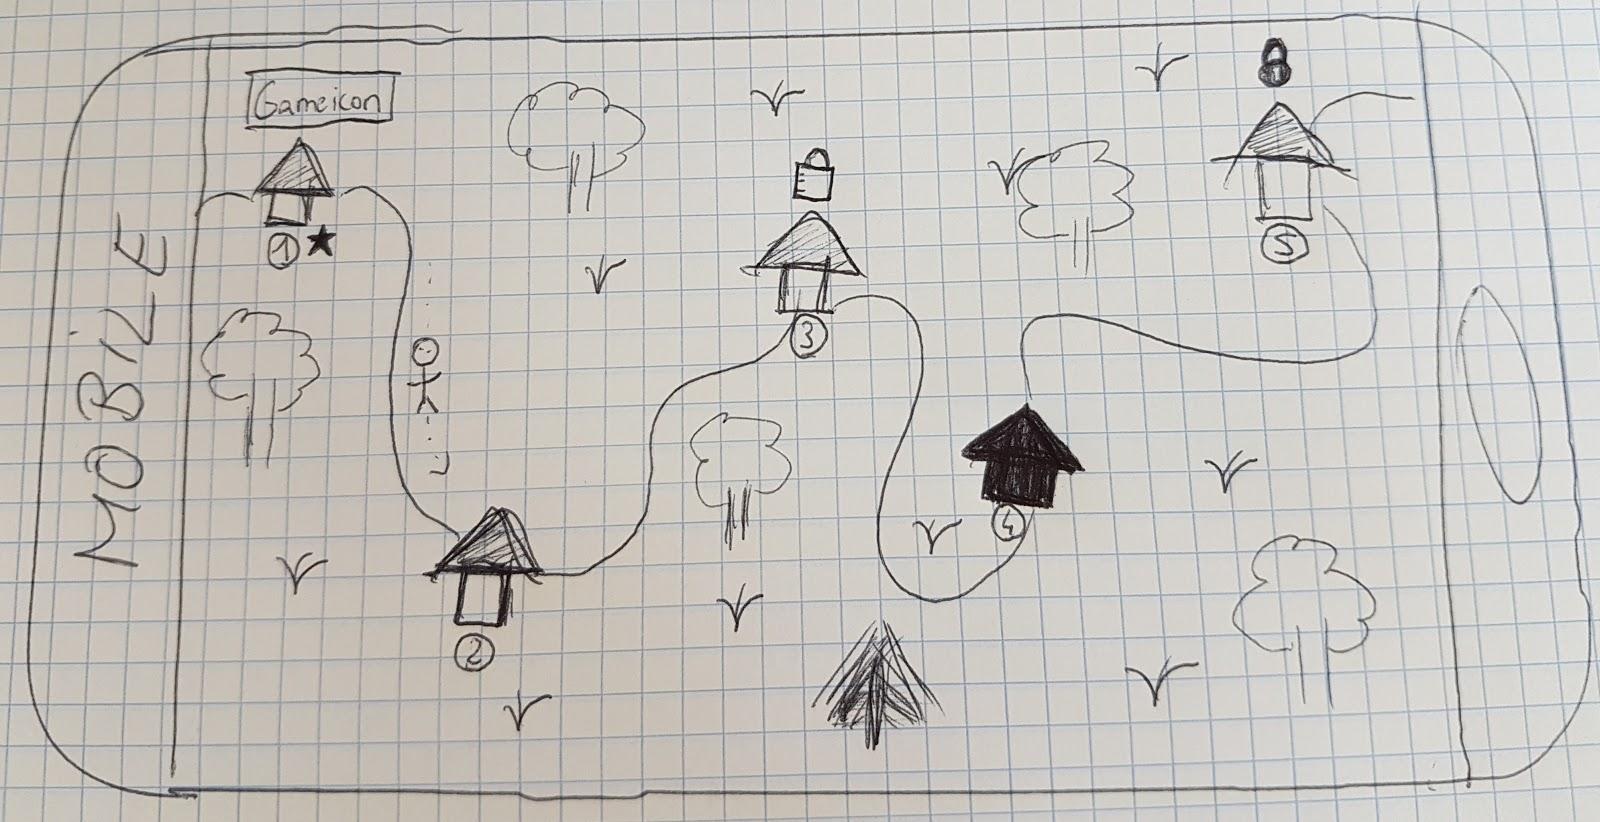 Lernin Drawing